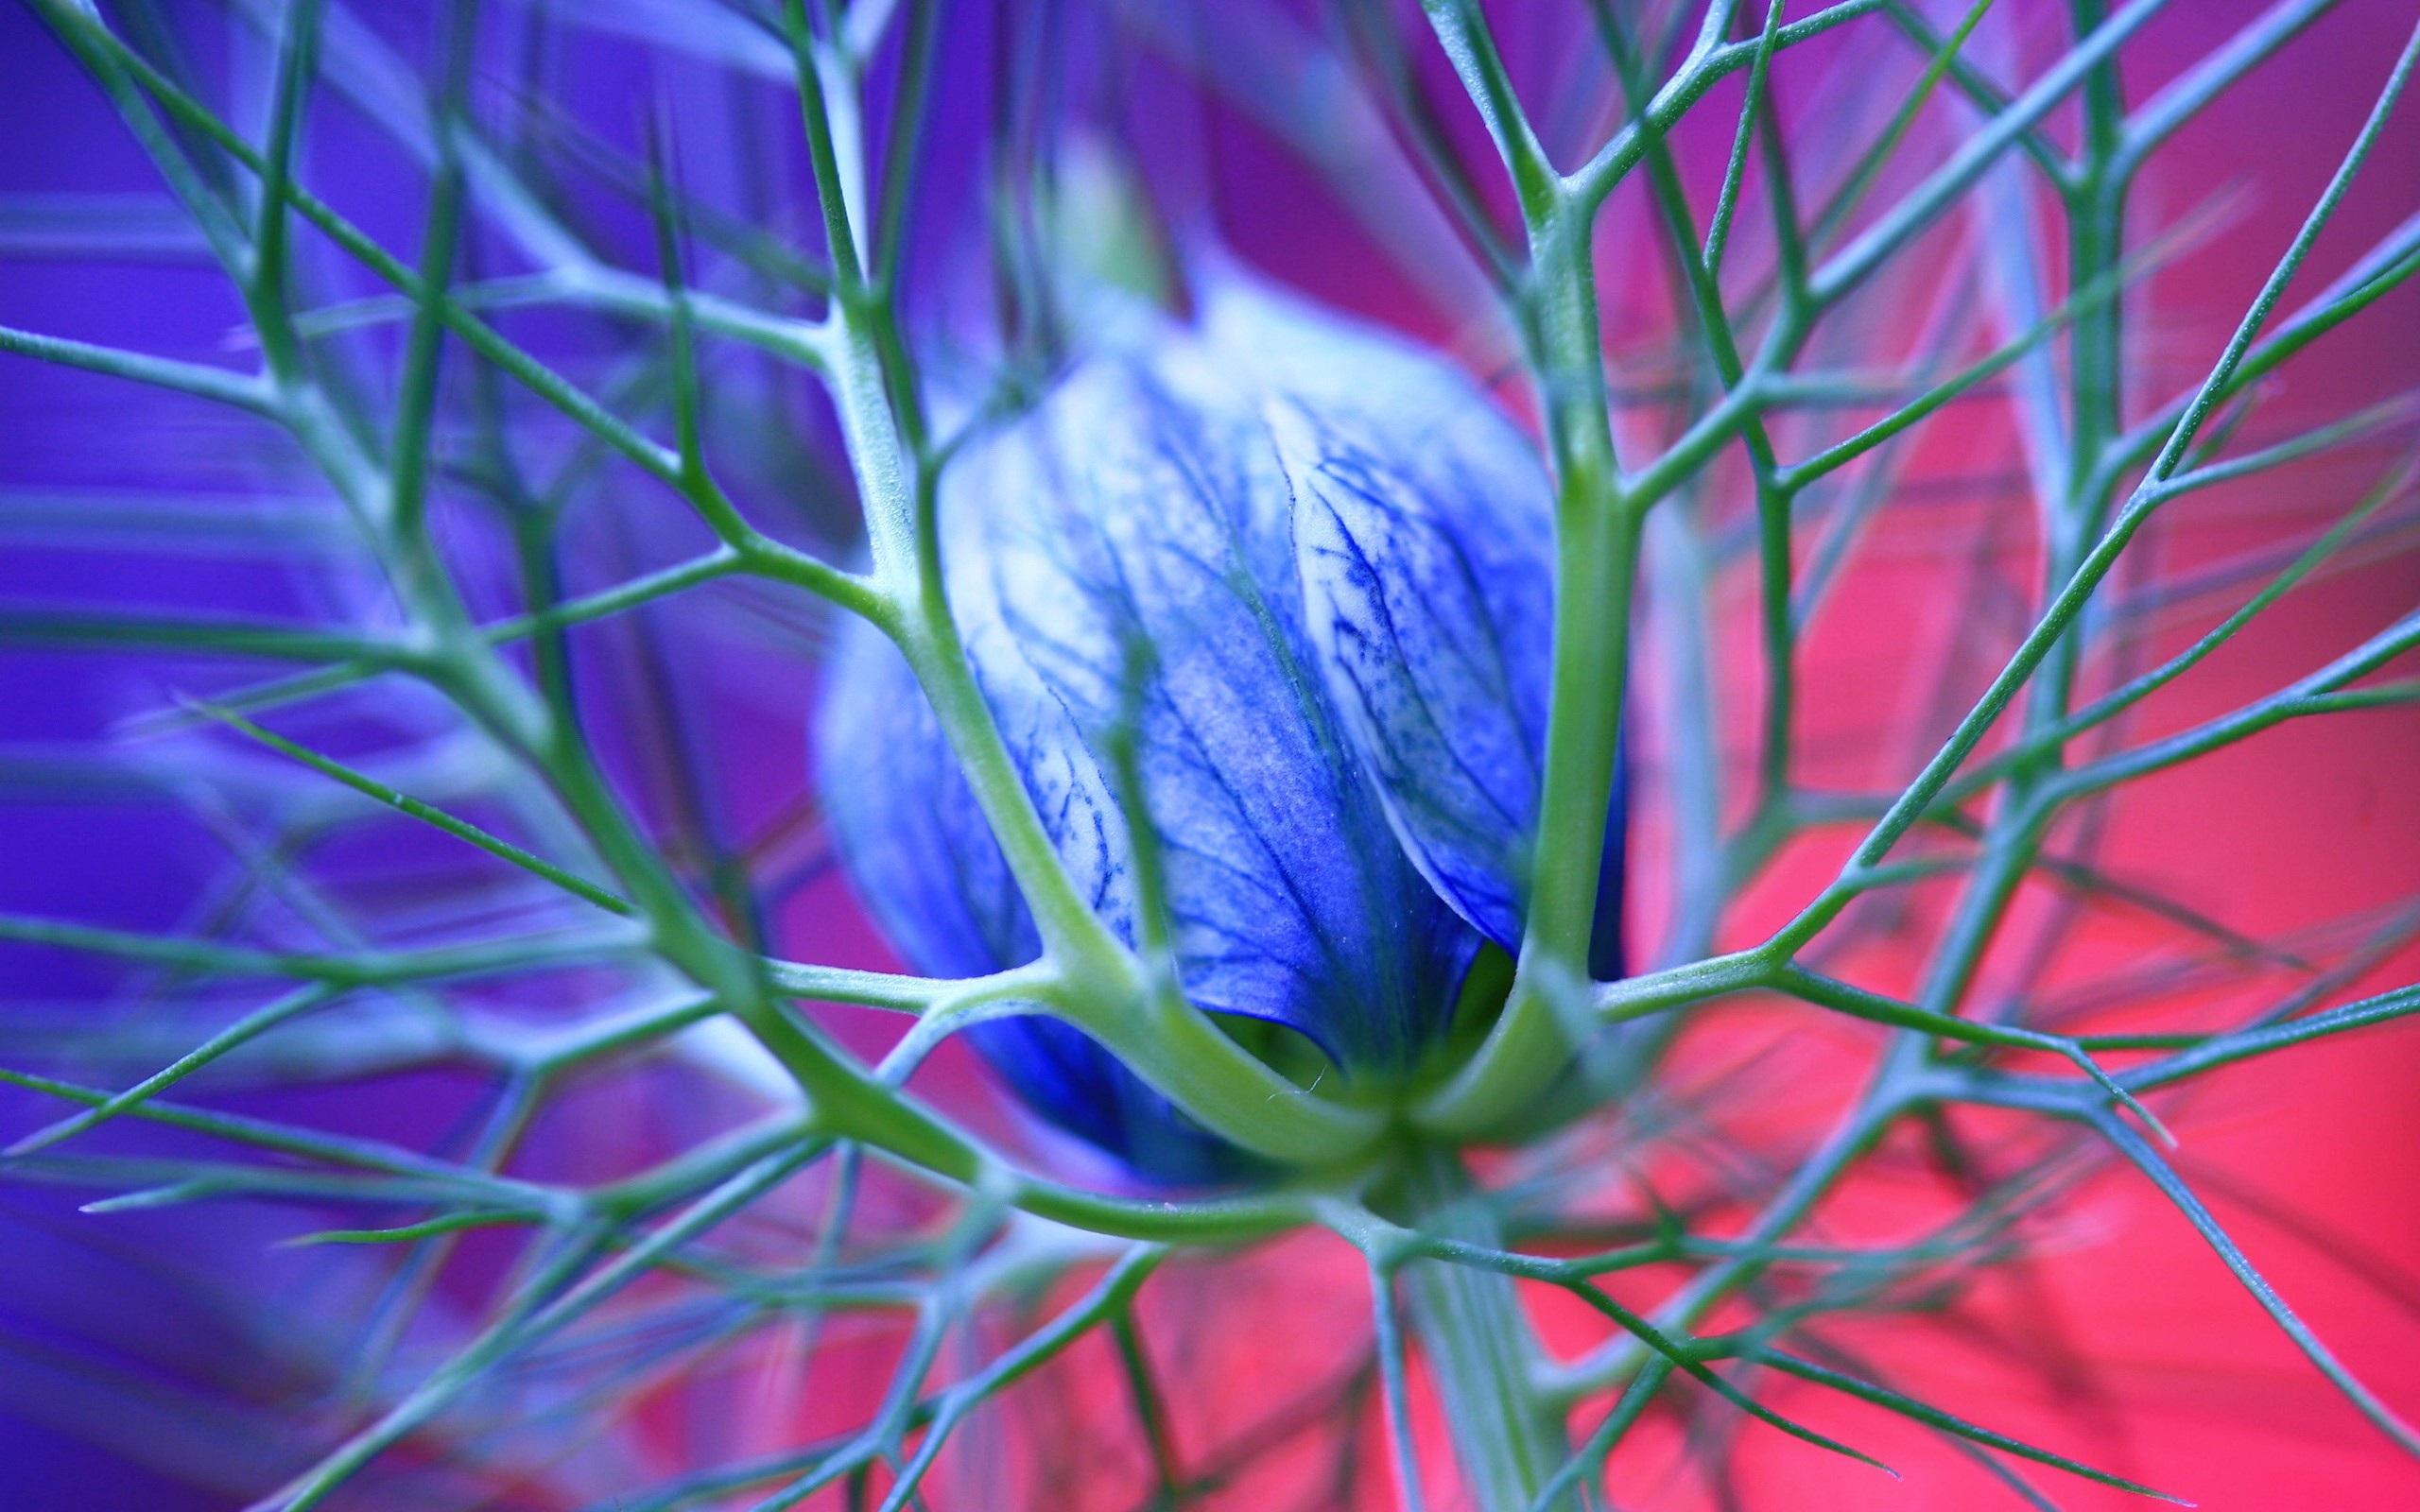 Hintergrundbilder Blaue Blume: Blaue Blumen Mit Dornen 2560x1600 HD Hintergrundbilder, HD